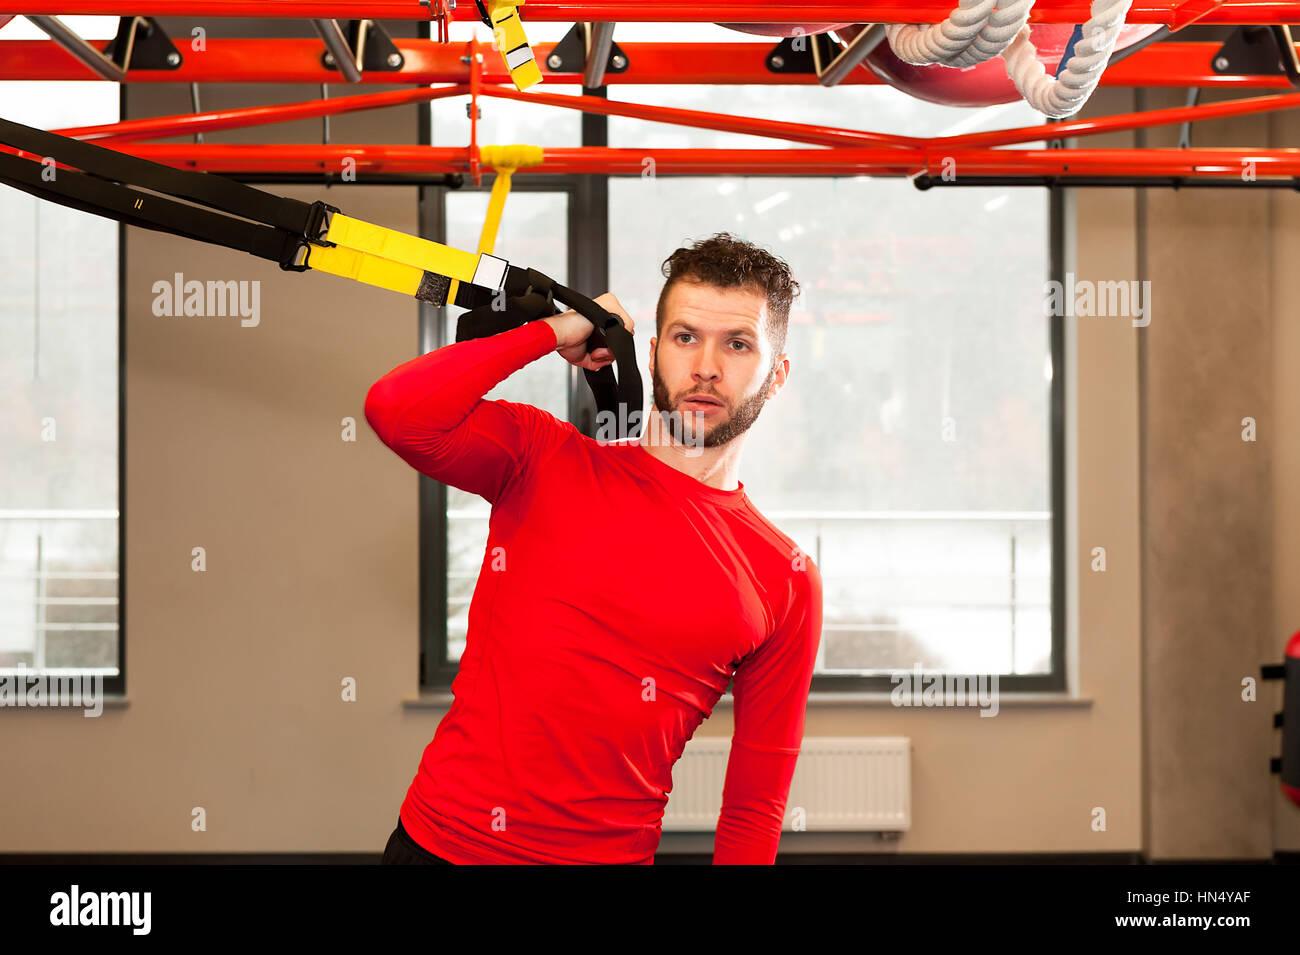 TRX training. Crossfit istruttore presso la palestra facendo TRX Excersise. Uomo Fitness workout sugli anelli. Uomo Immagini Stock